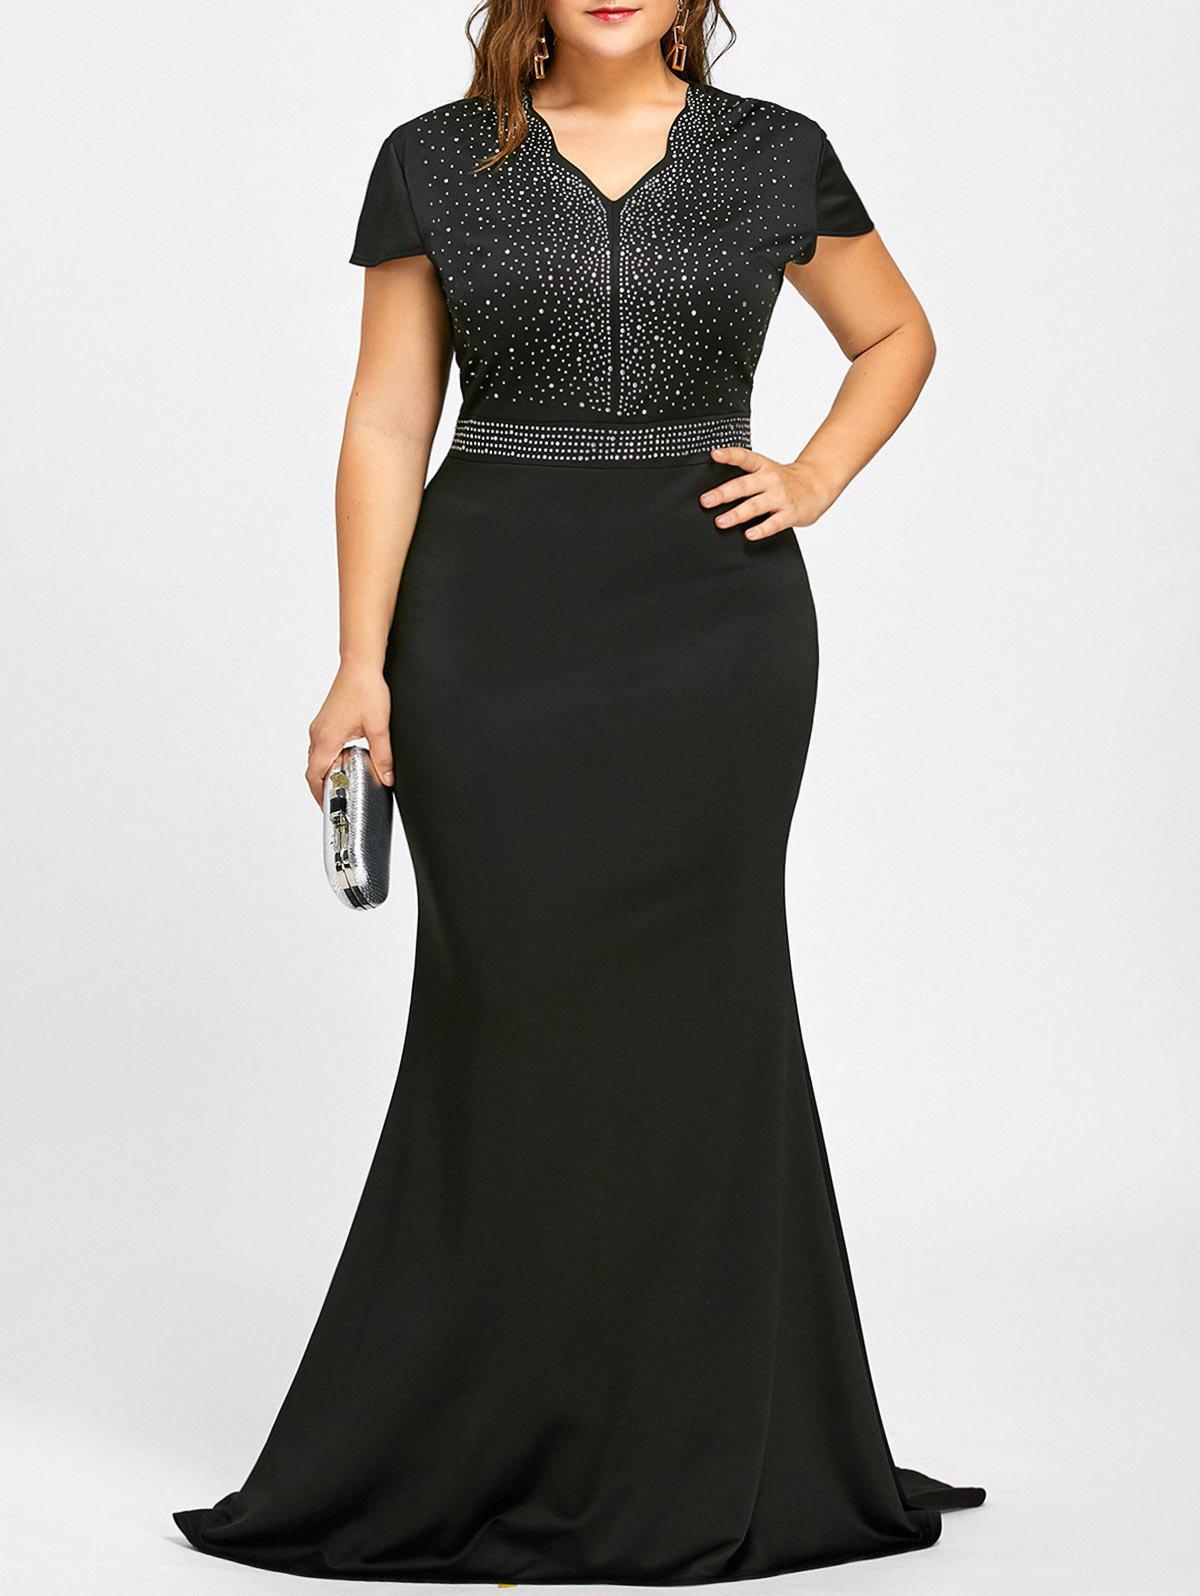 Rhinestone Embellished Plus Size Maxi Dress